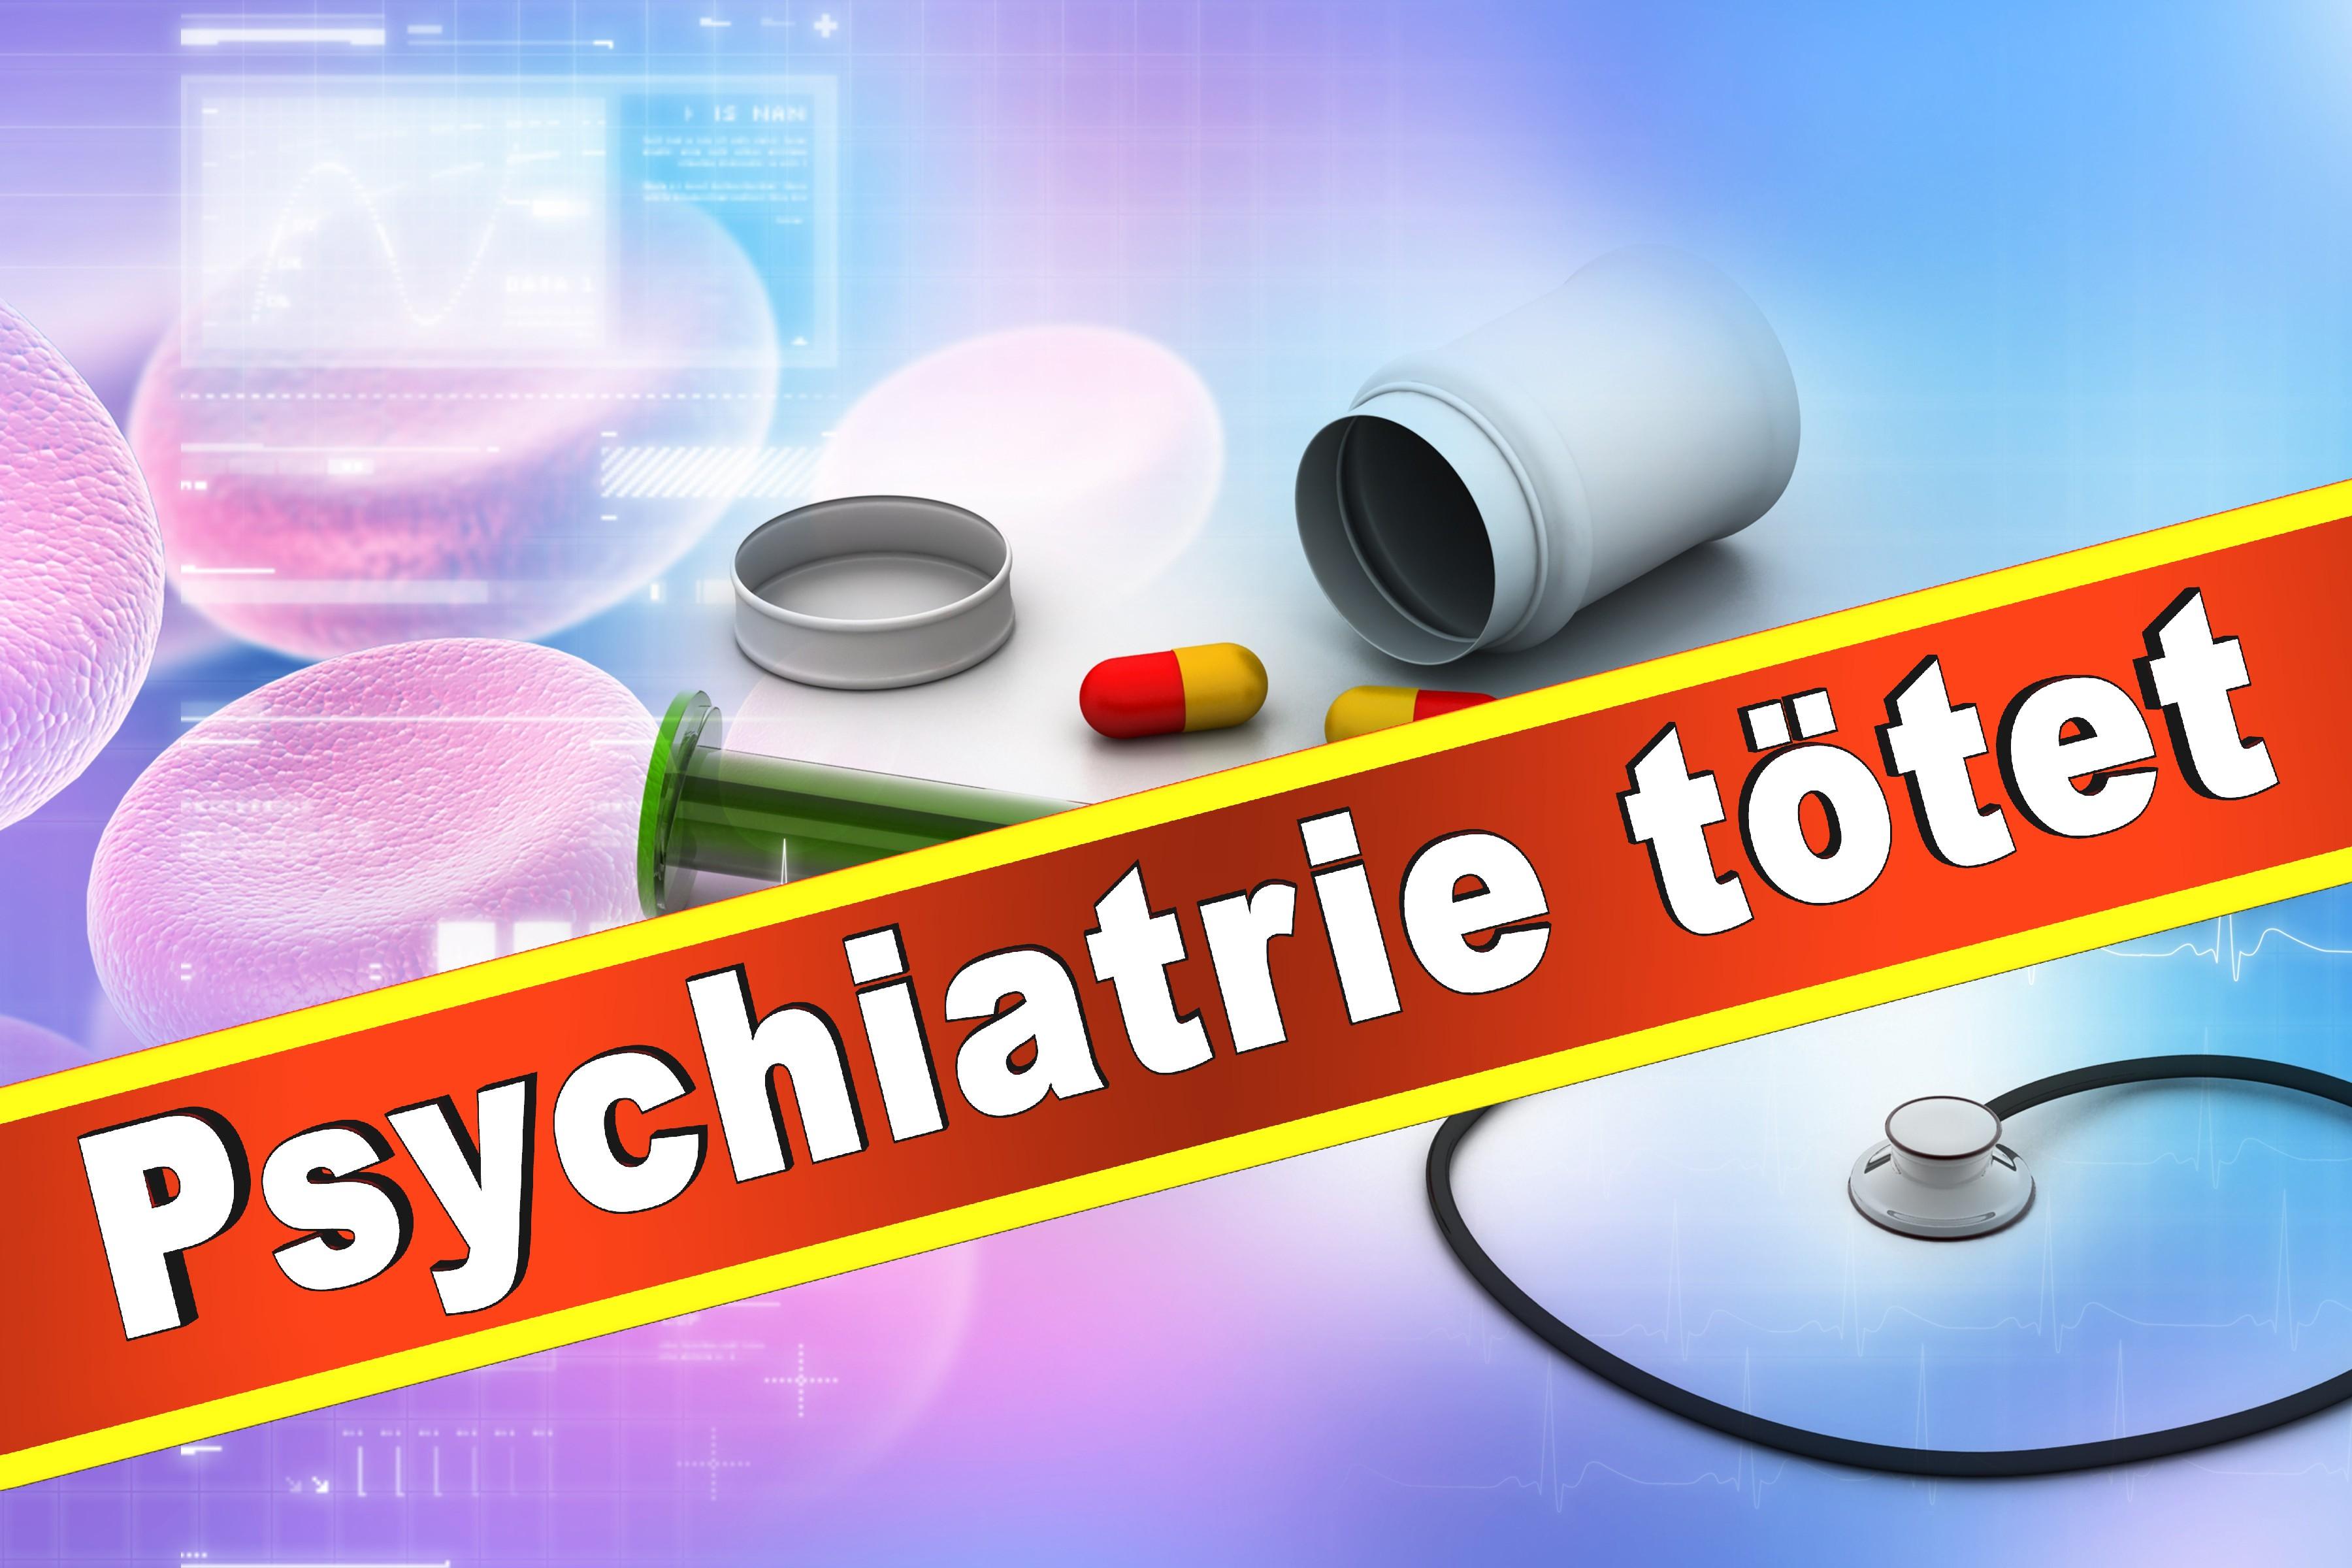 Carl Ernst Von Schönfeld Tagesklinik Psychiatrie Tod Bethel Psychiater Korruption Gift Zwangspsychiatrie Unterbringung (21)